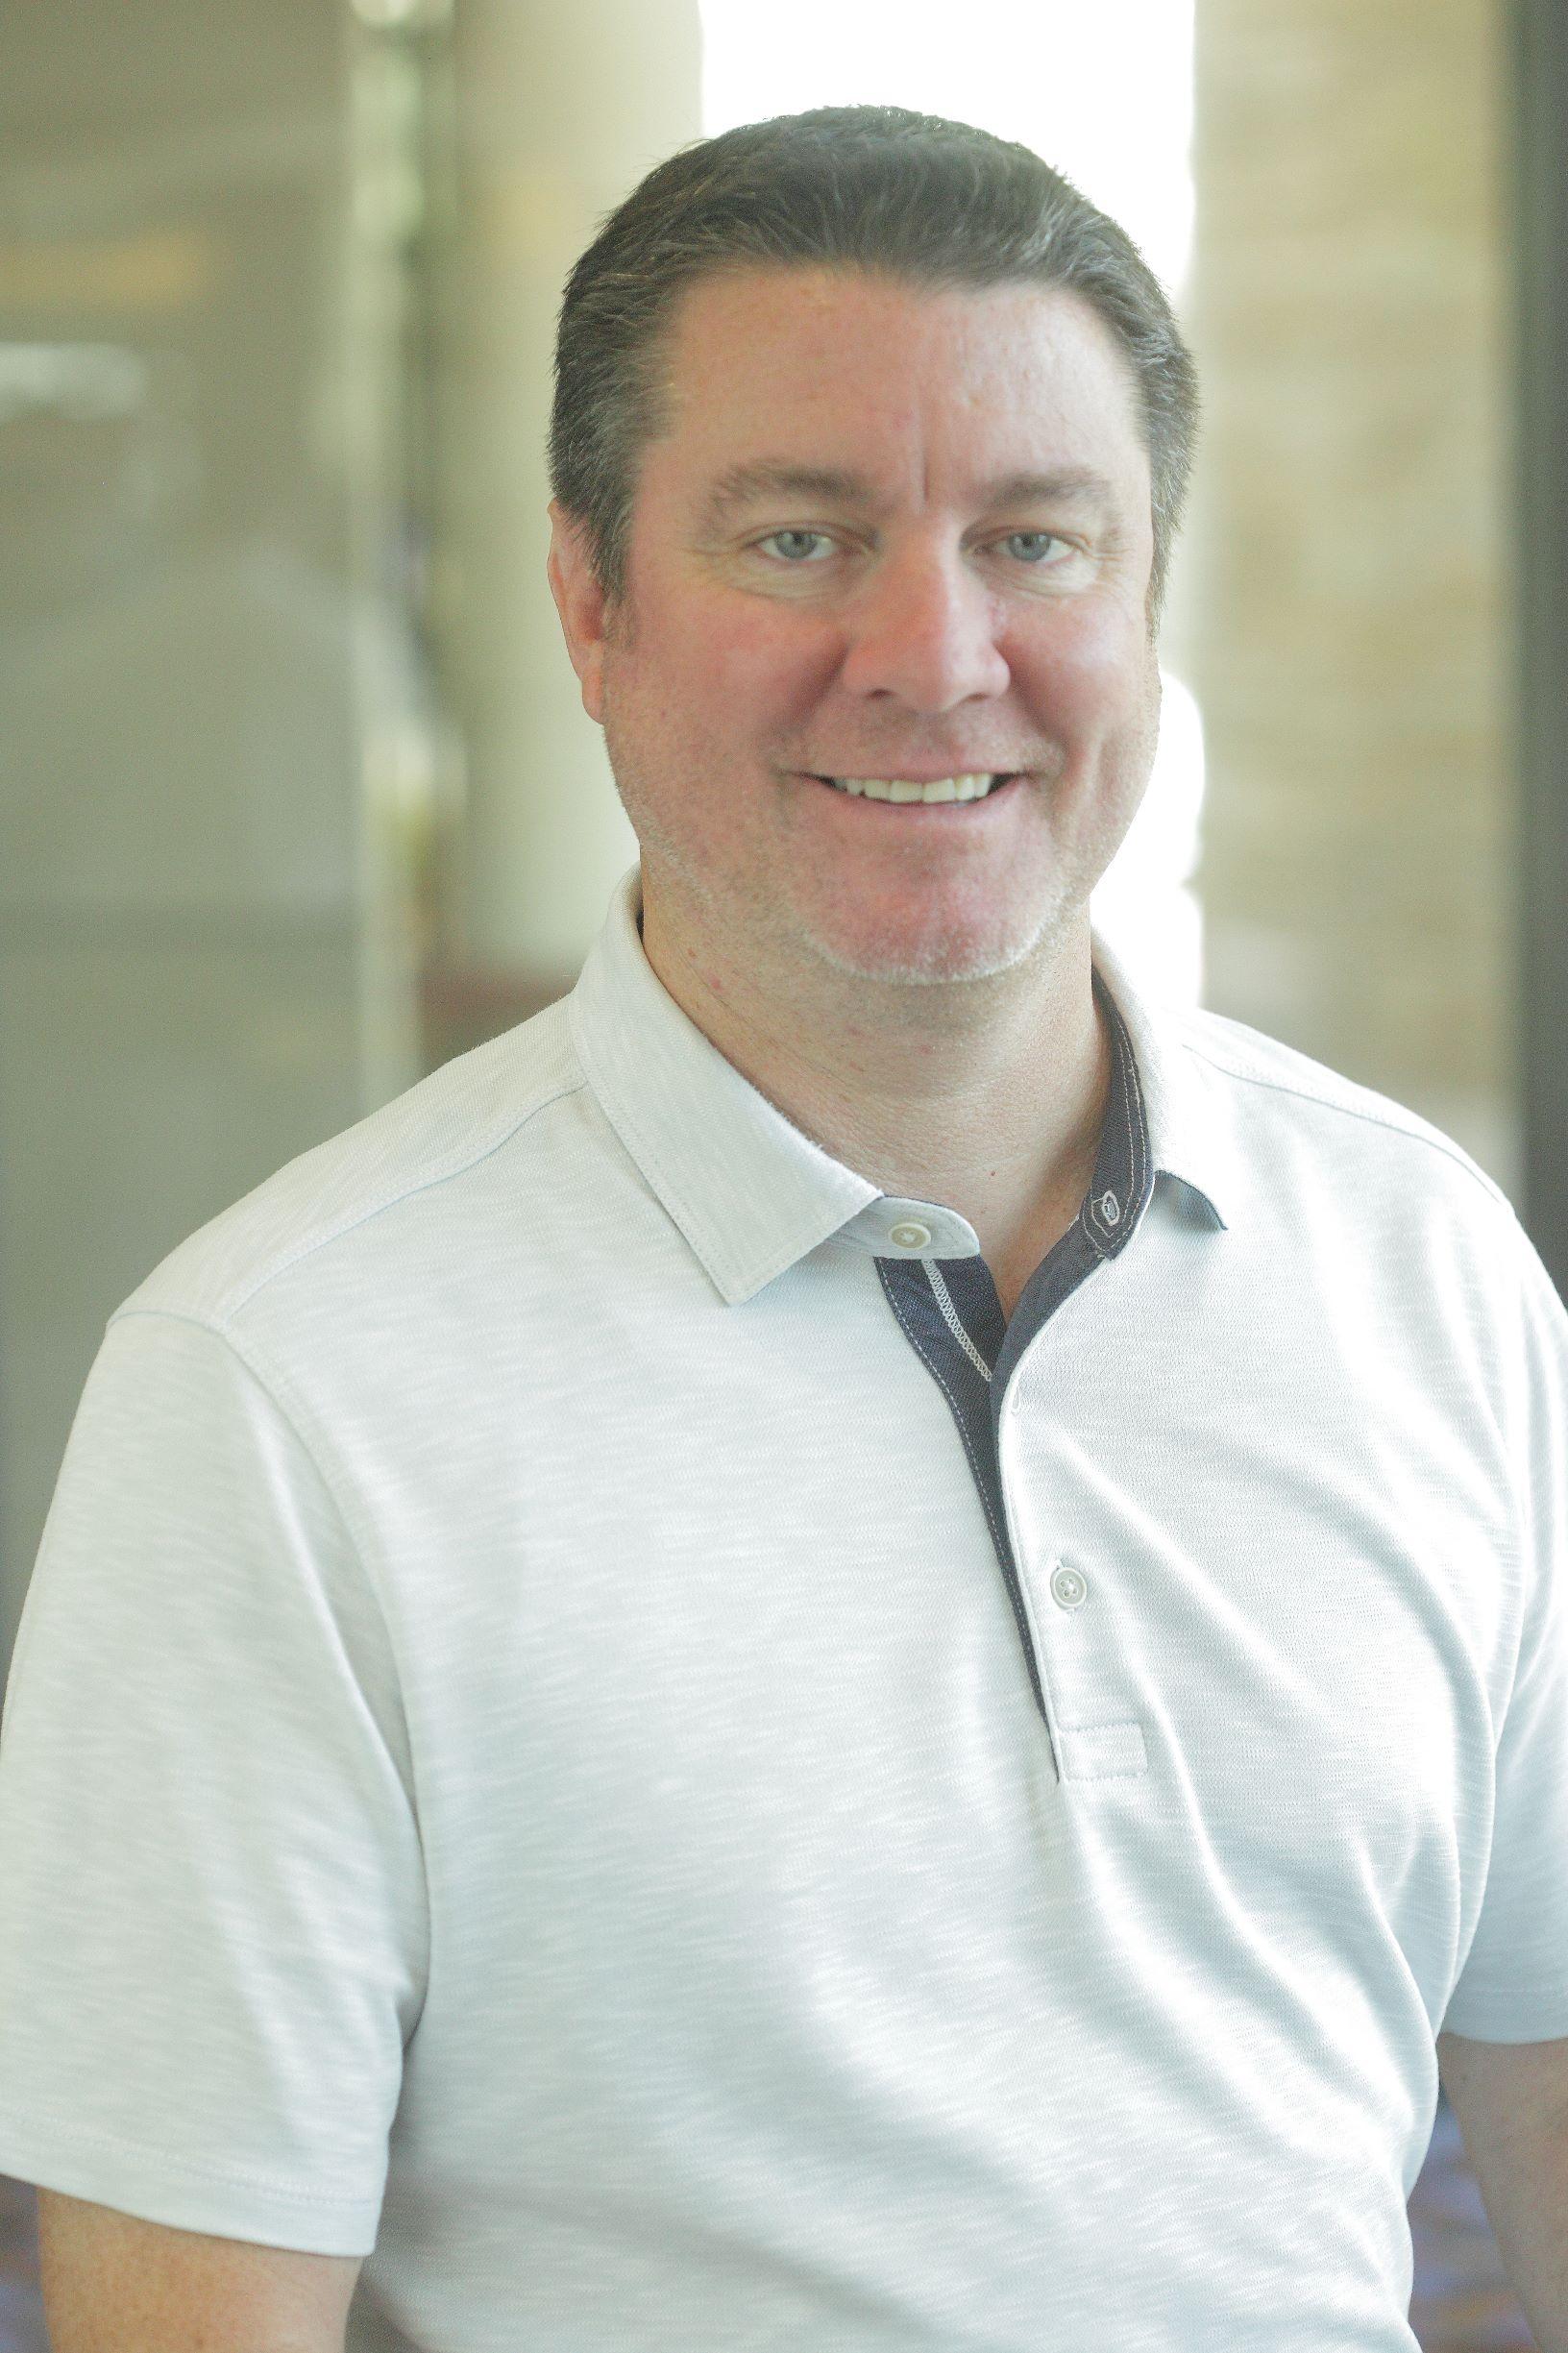 Scott Dormaier